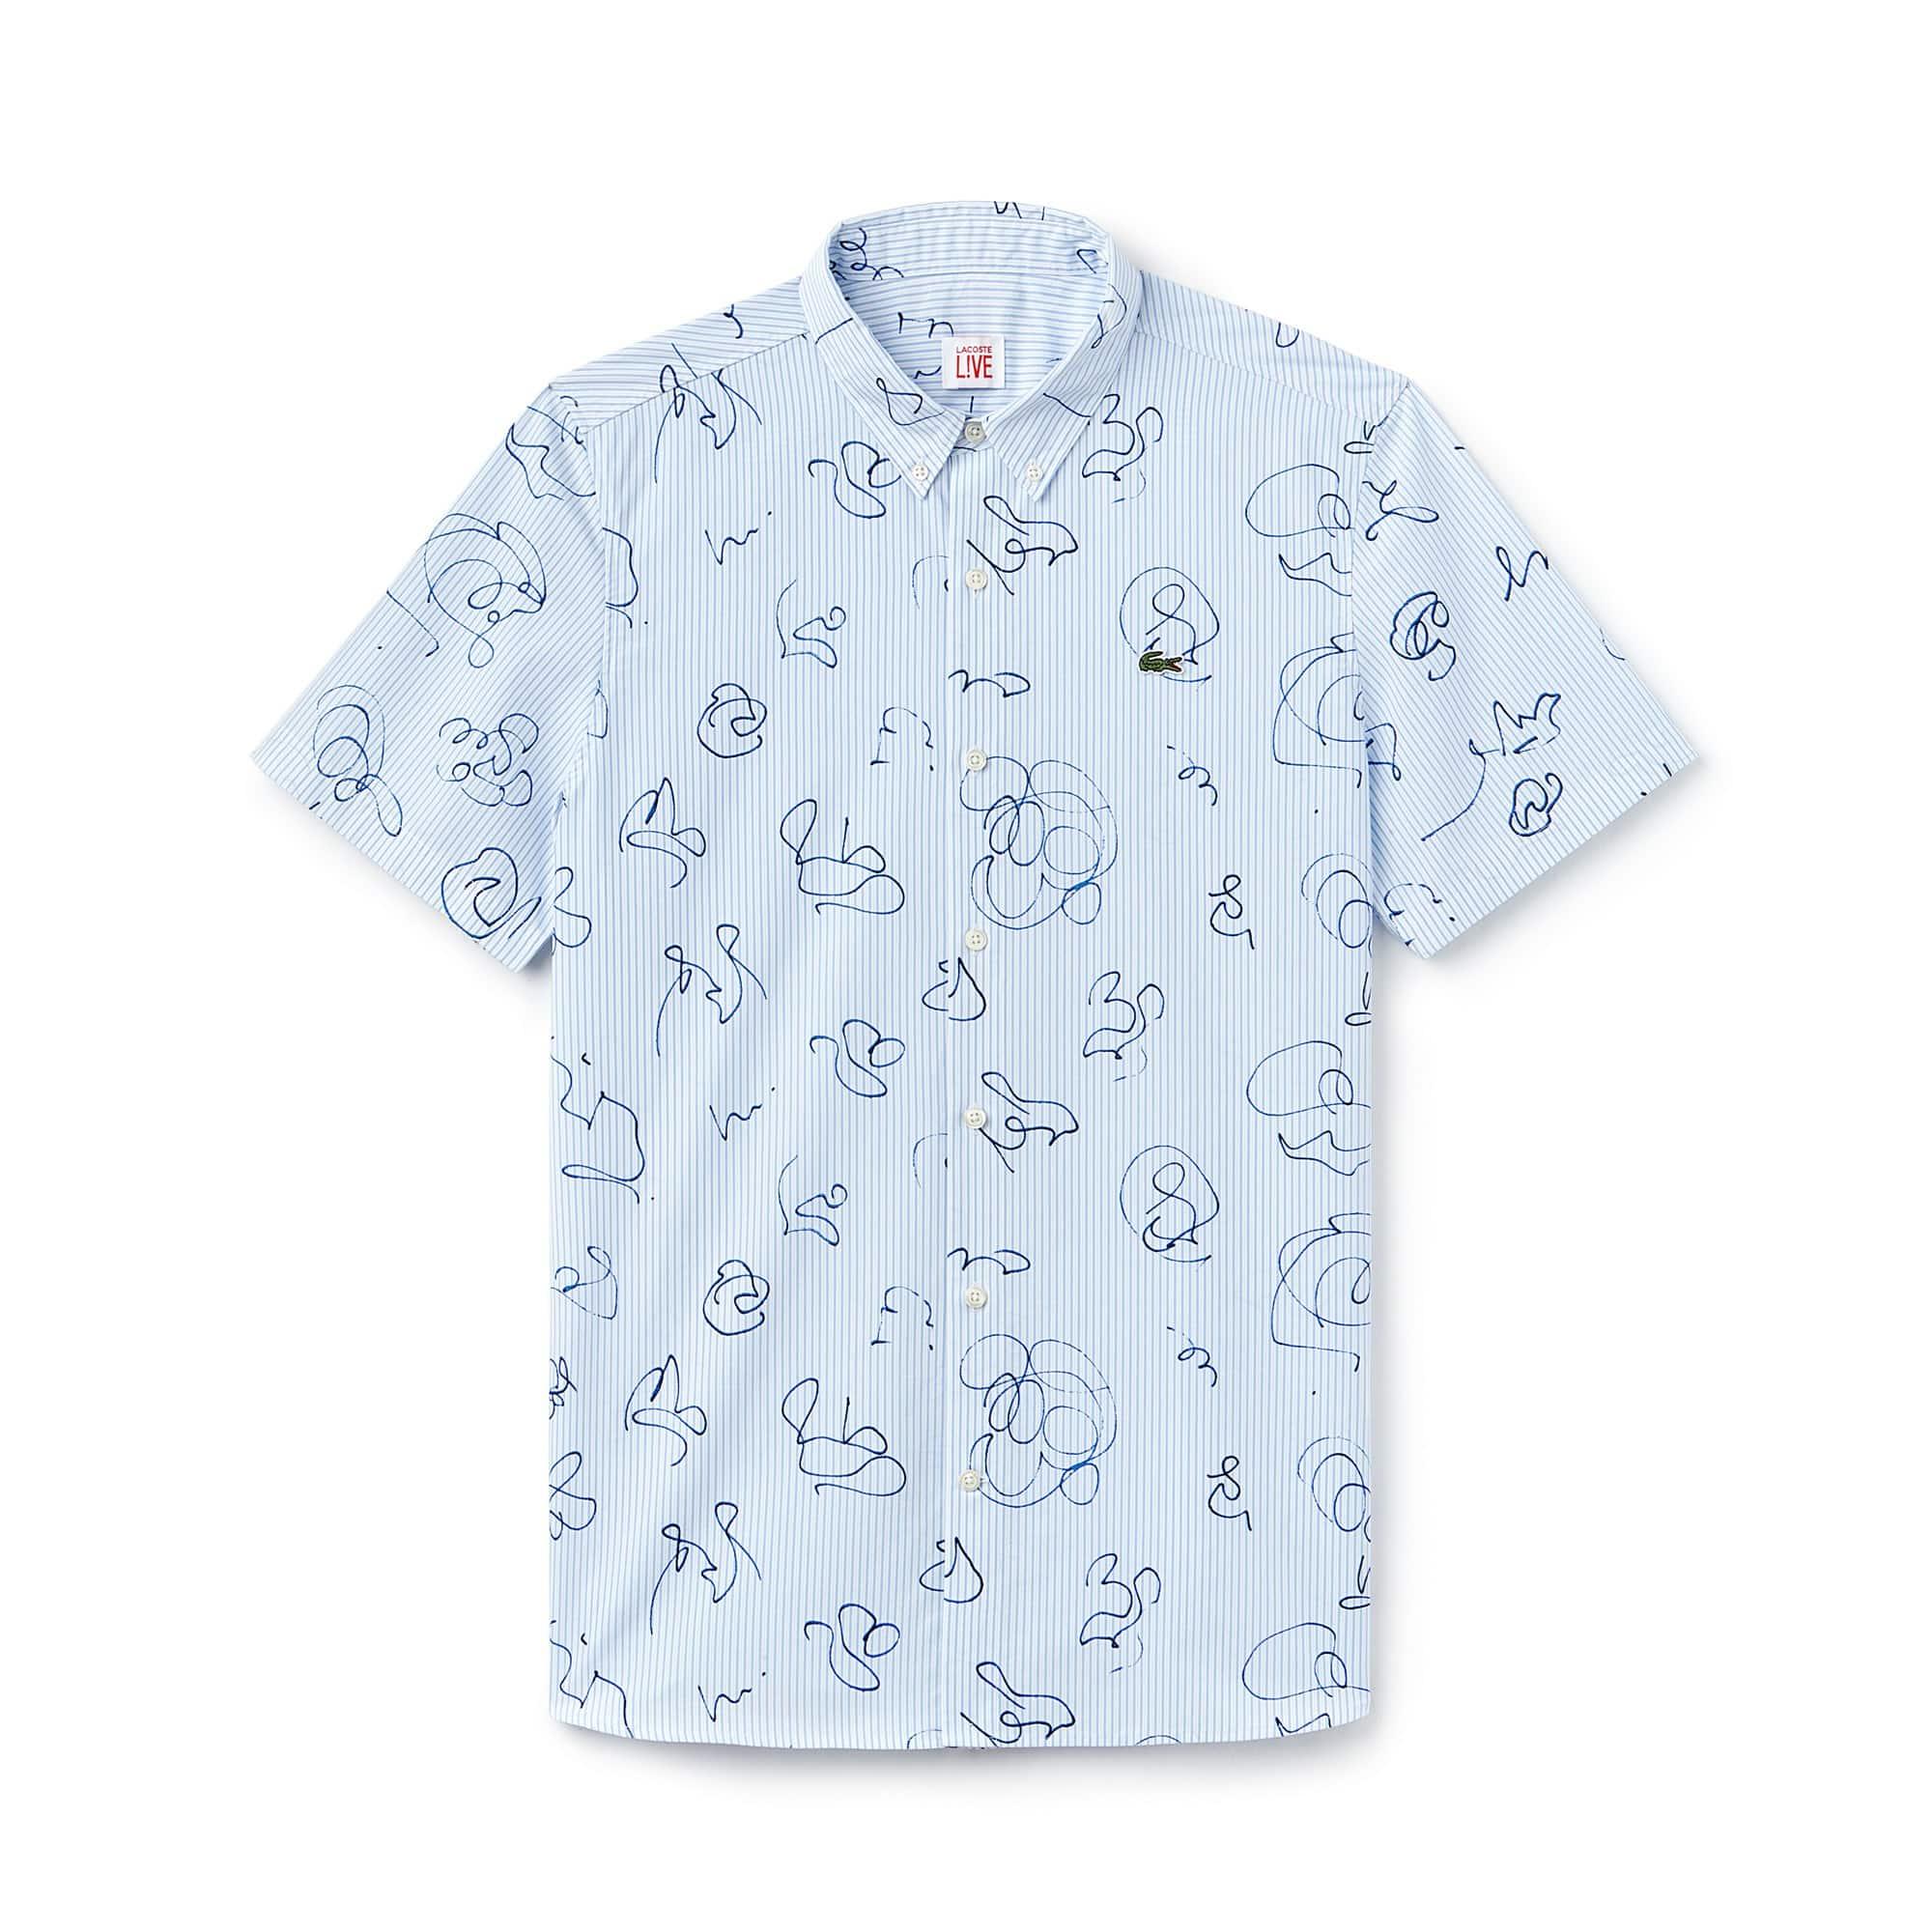 Lacoste LIVE-shirt heren popeline gestreept met print